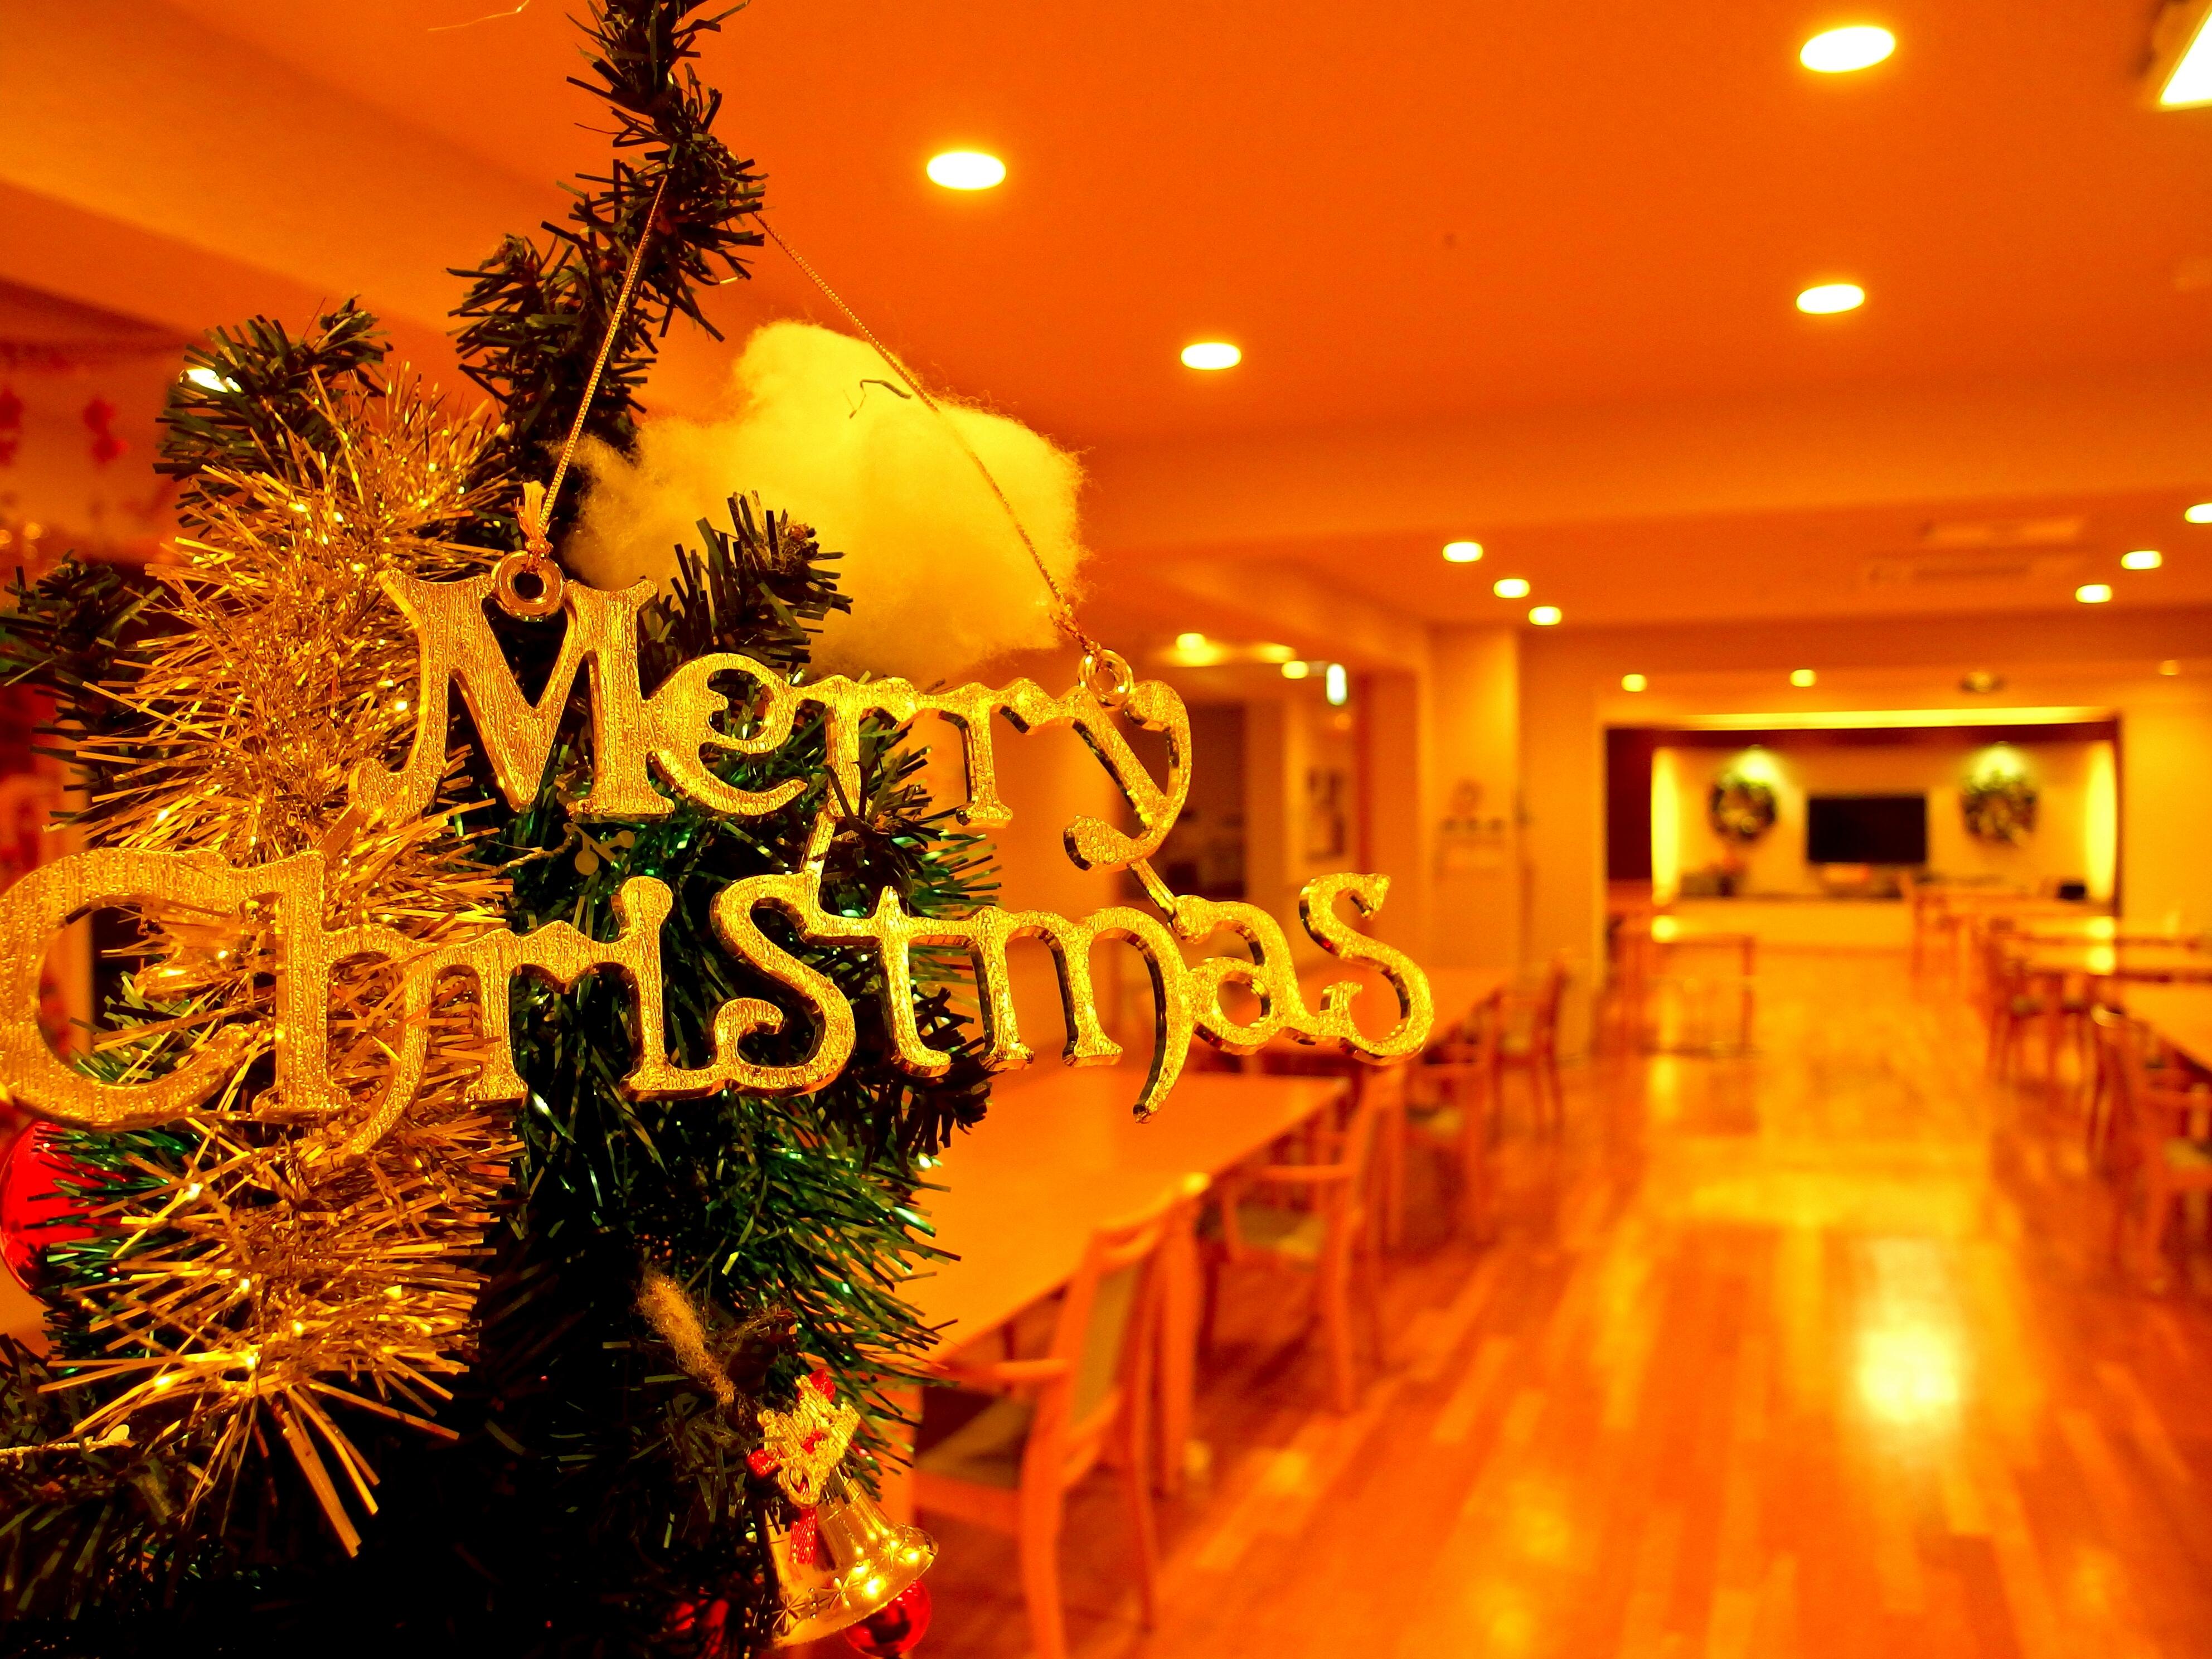 イリーゼ流山はついしクリスマス会